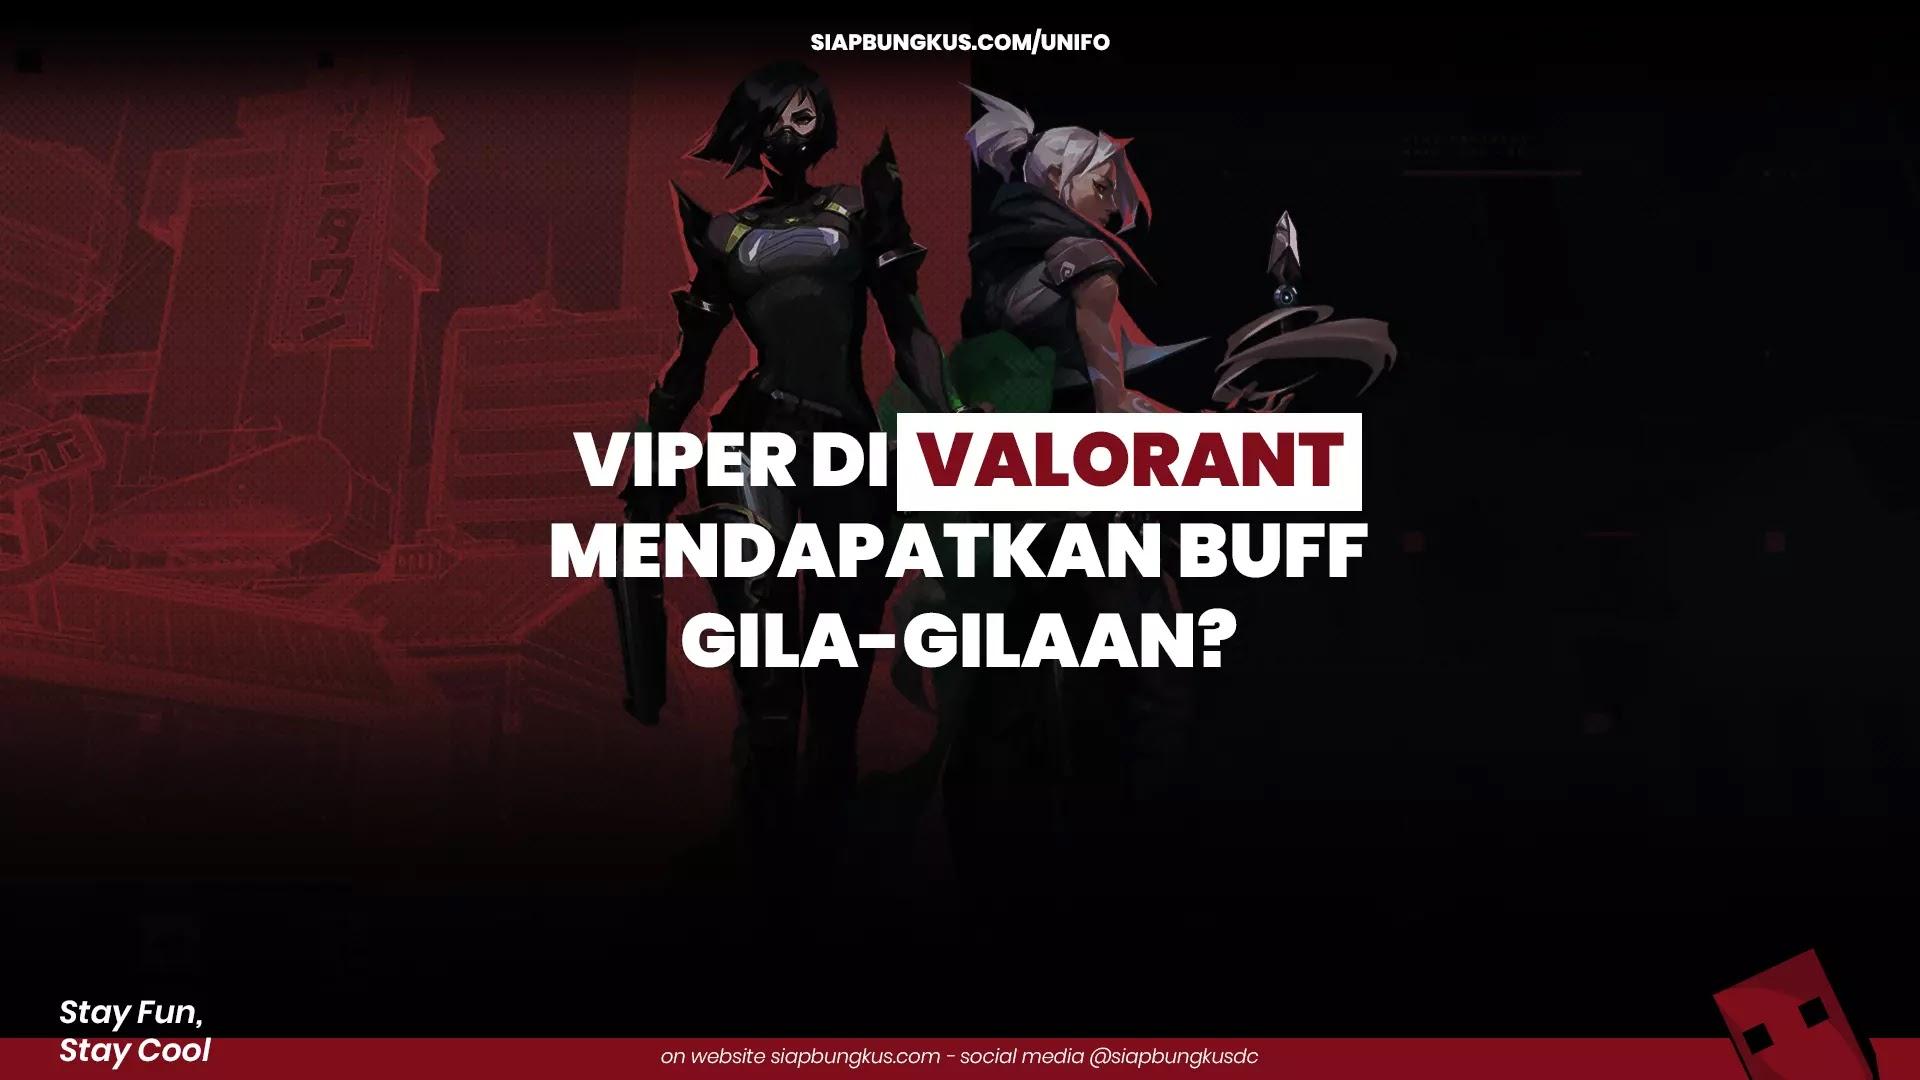 Gambar Utama Viper di Valorant Mendapatkan Buff Gila-Gilaan?